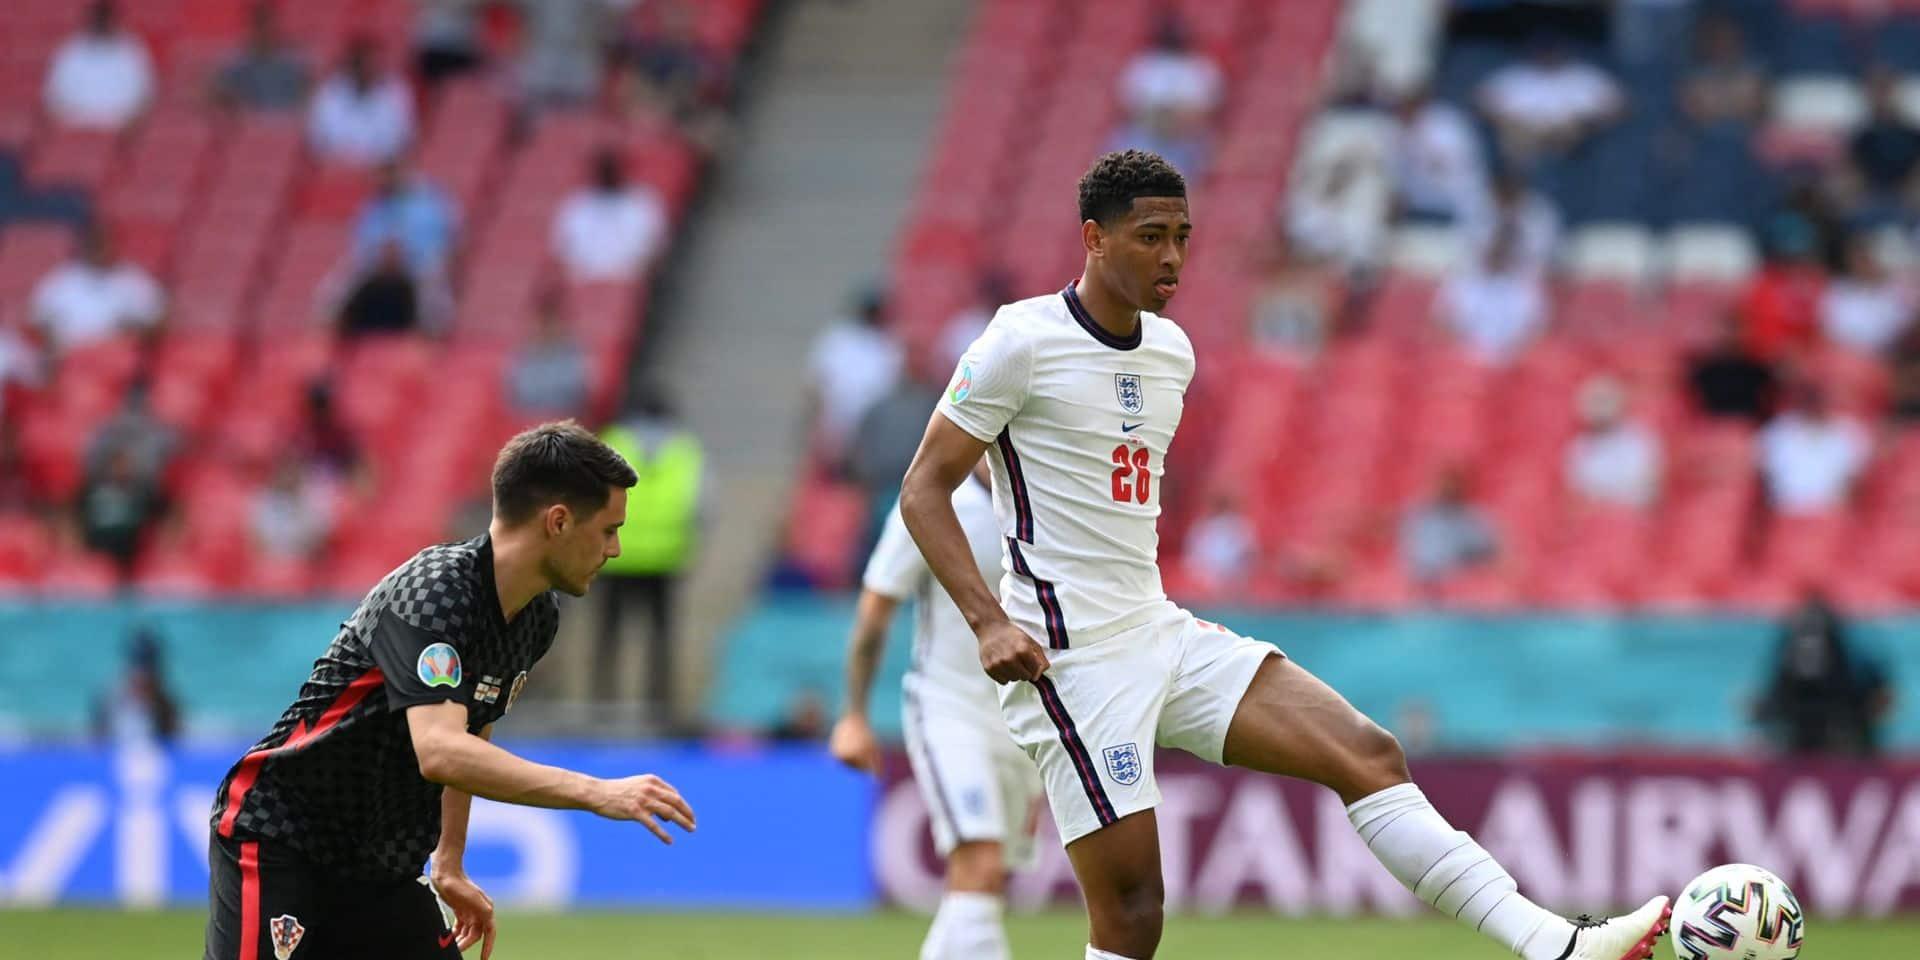 Jude Bellingham devient le plus jeune joueur de l'histoire de l'Euro à jouer un match